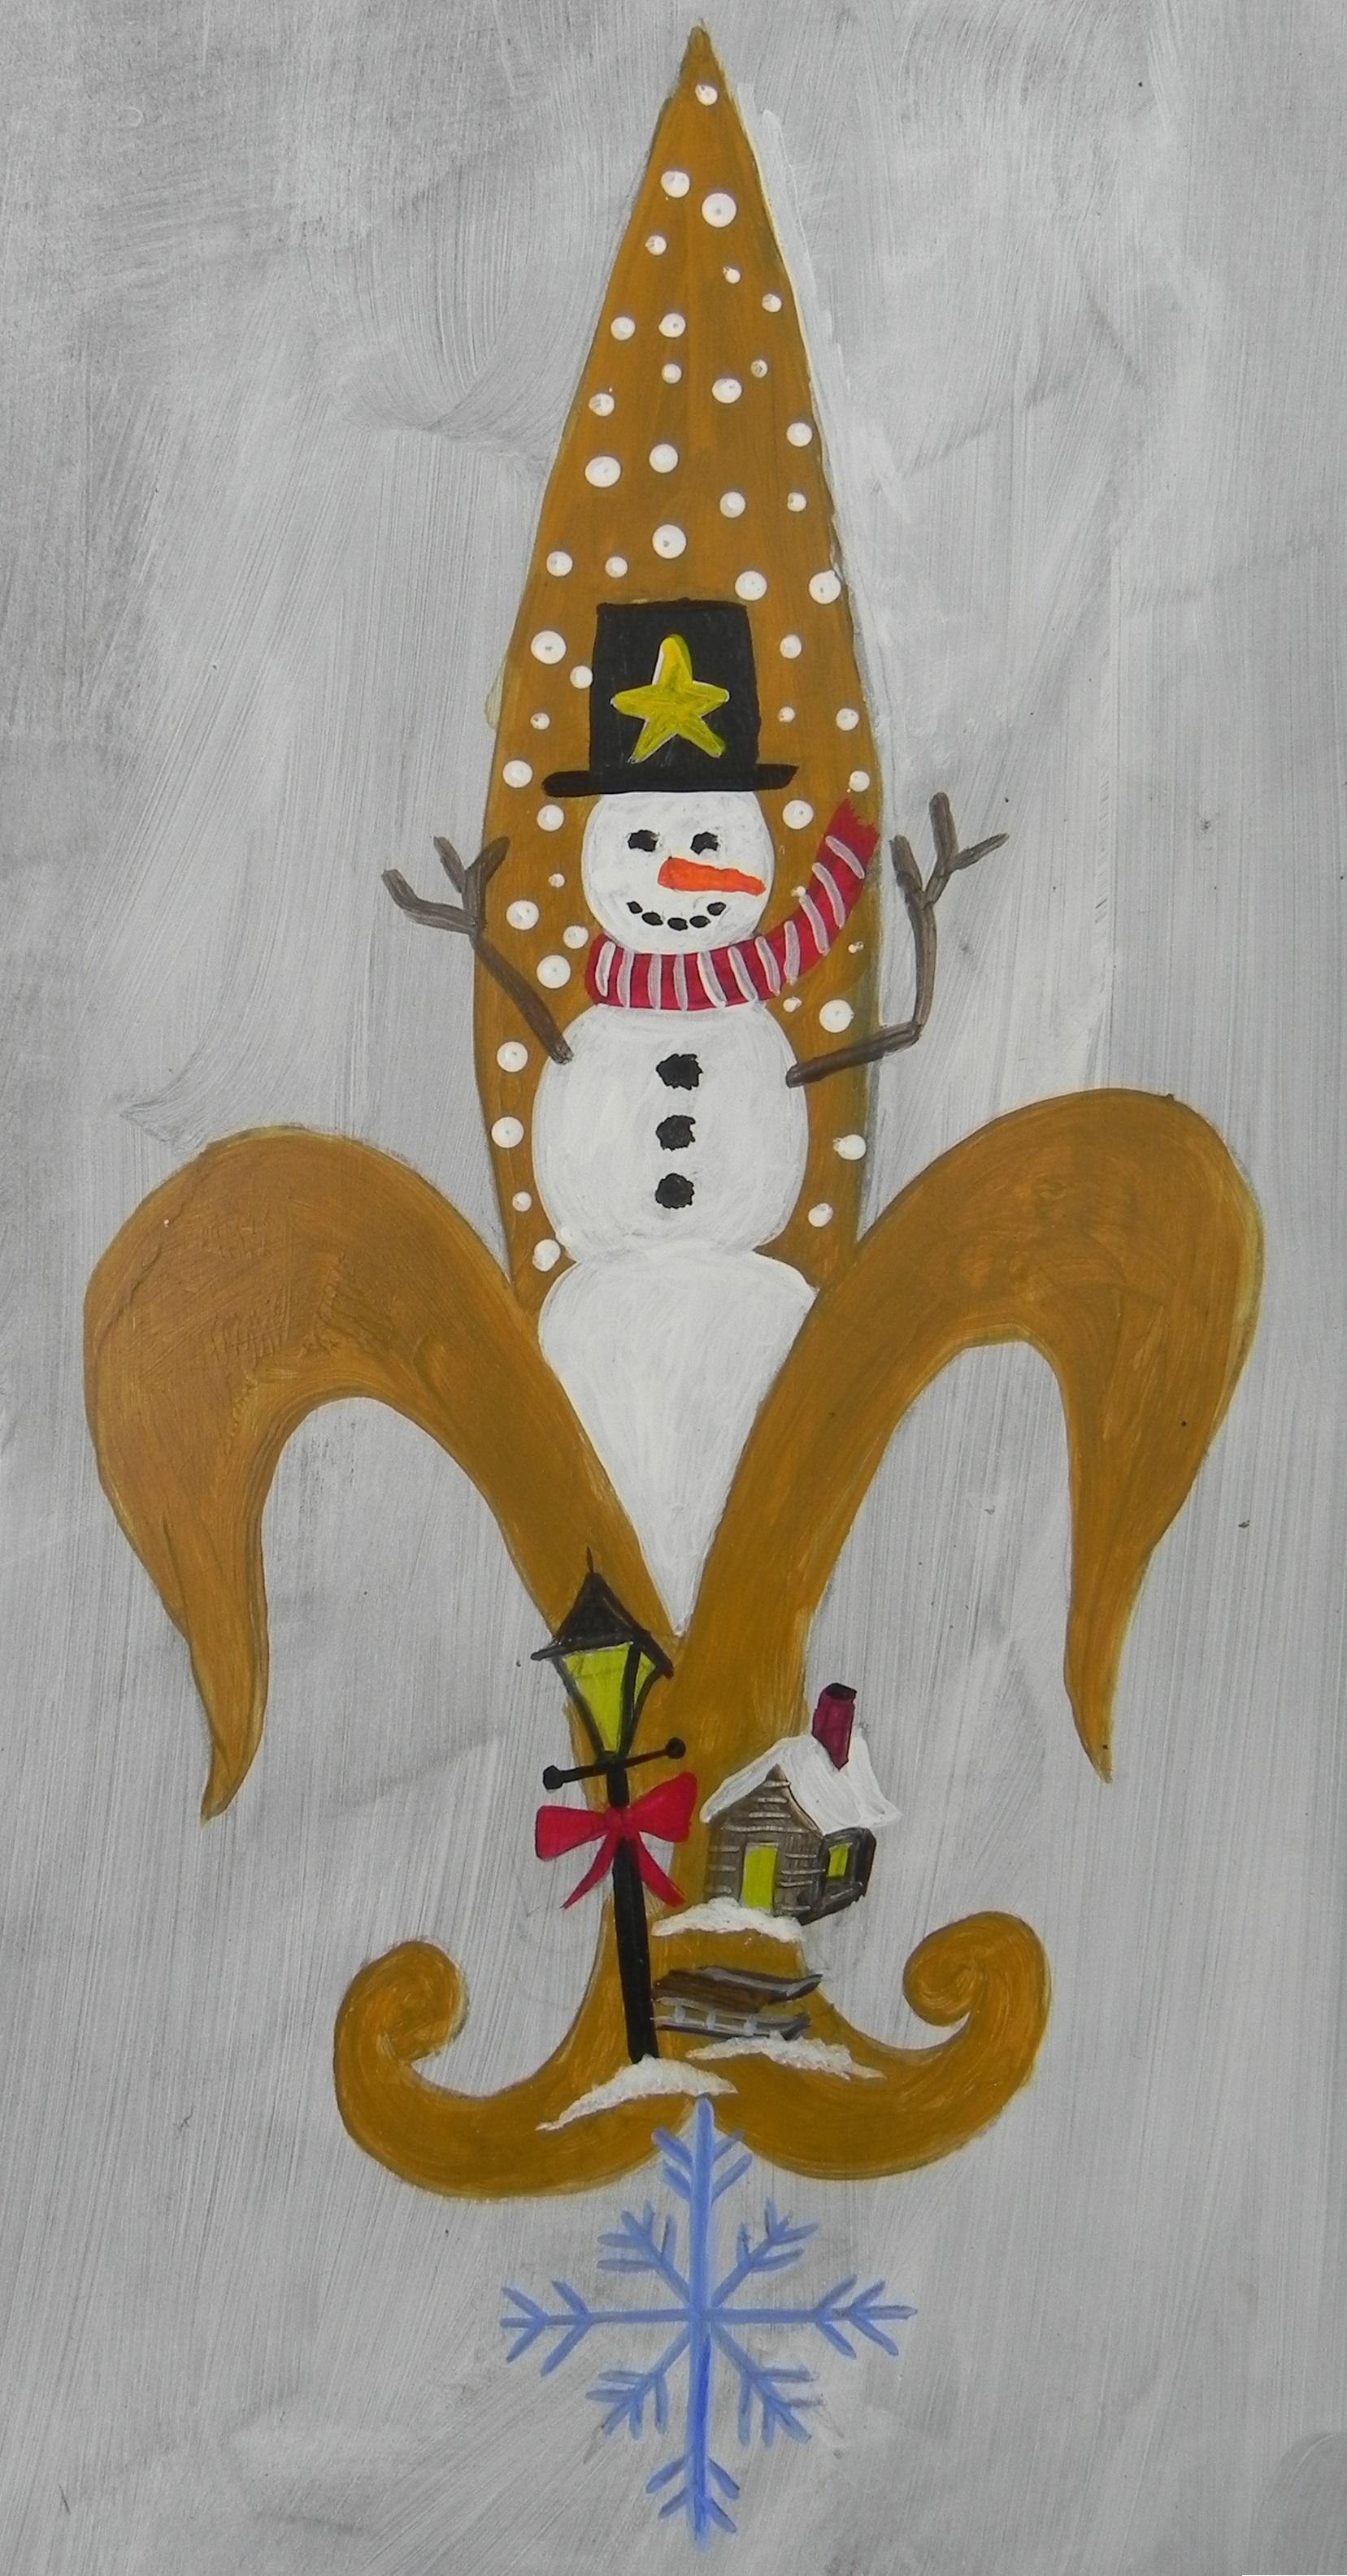 Snowman de Lis